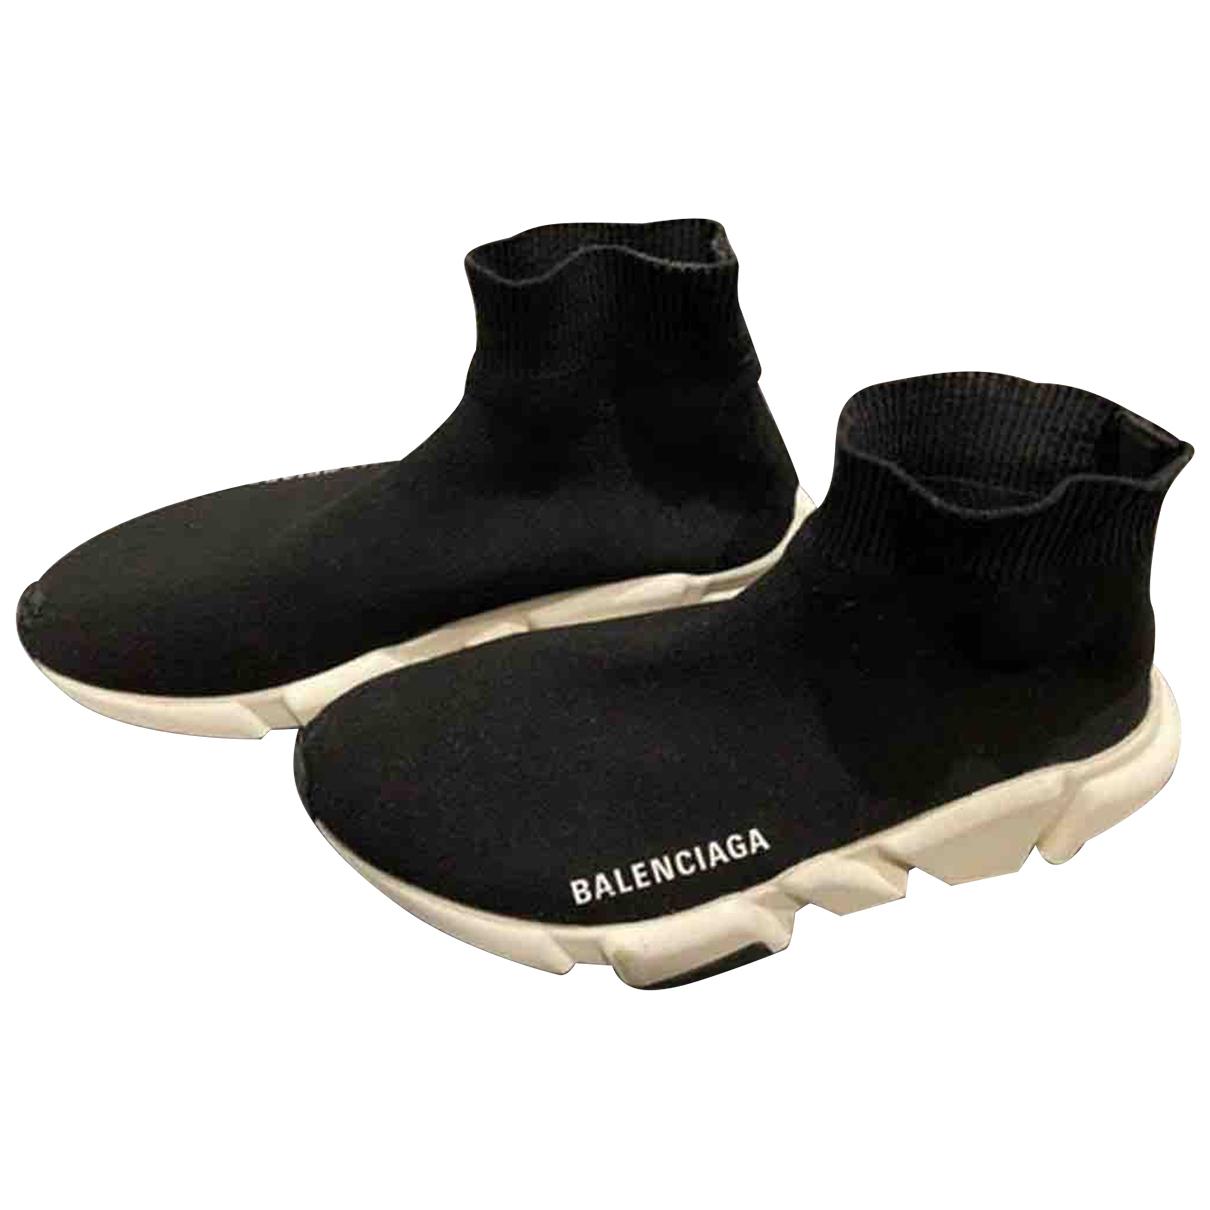 Balenciaga - Baskets Speed pour femme en toile - noir